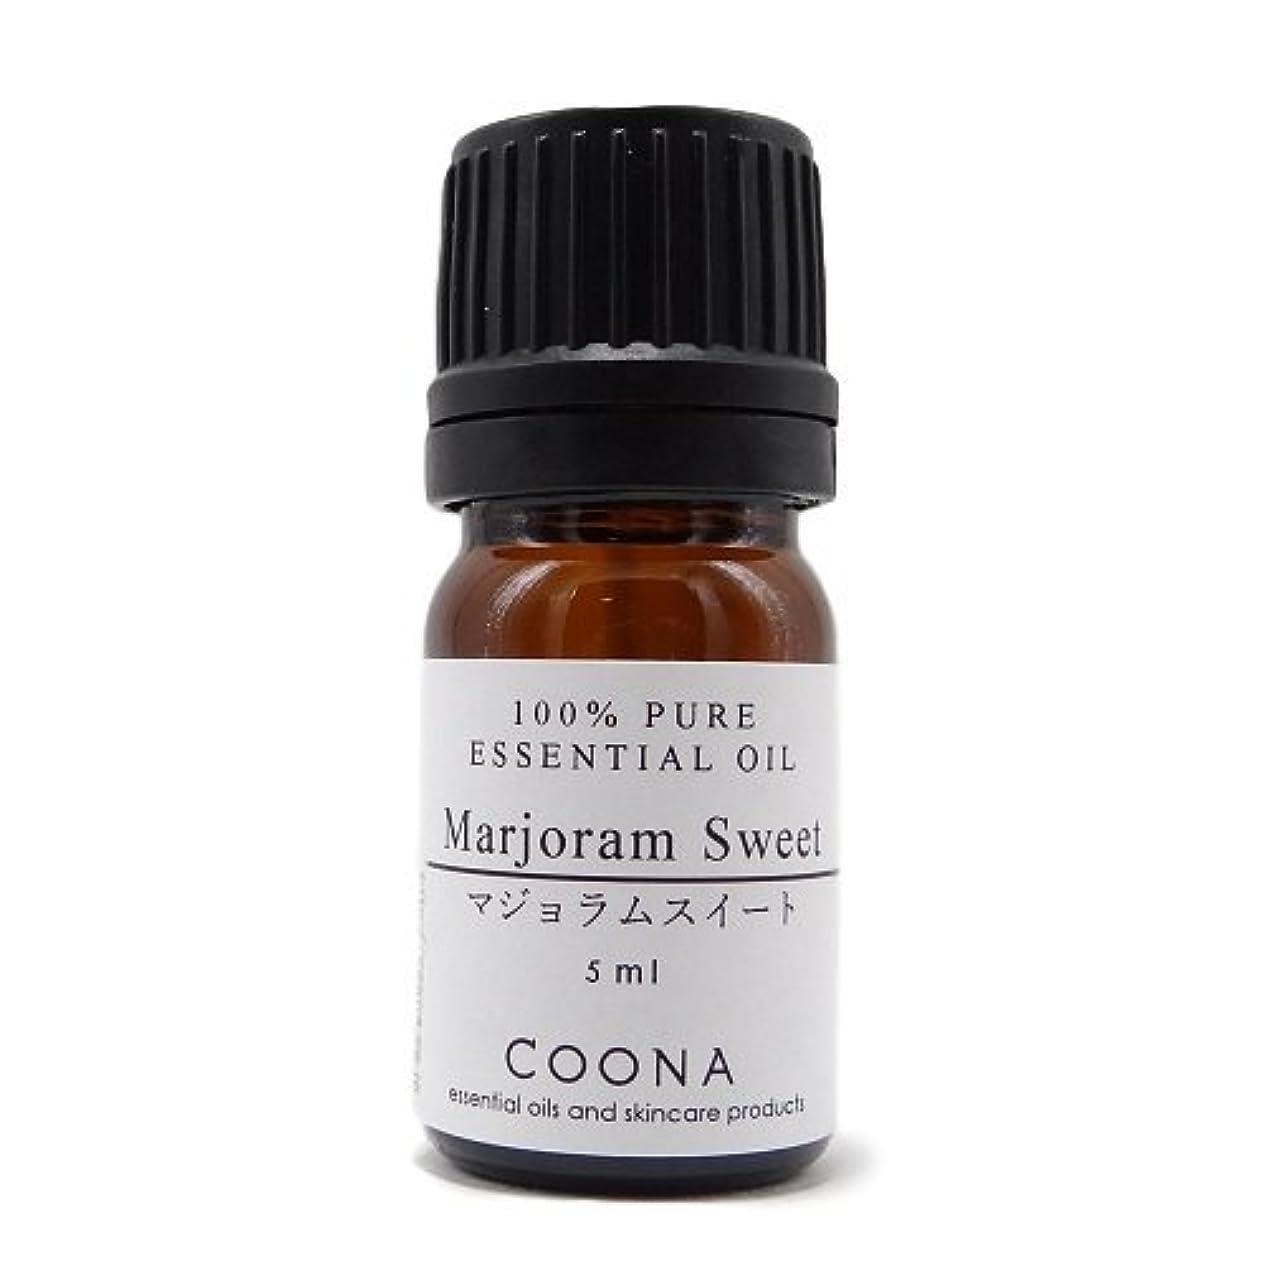 に勝るスペクトラム信頼性のあるマジョラム スイート 5 ml (COONA エッセンシャルオイル アロマオイル 100%天然植物精油)